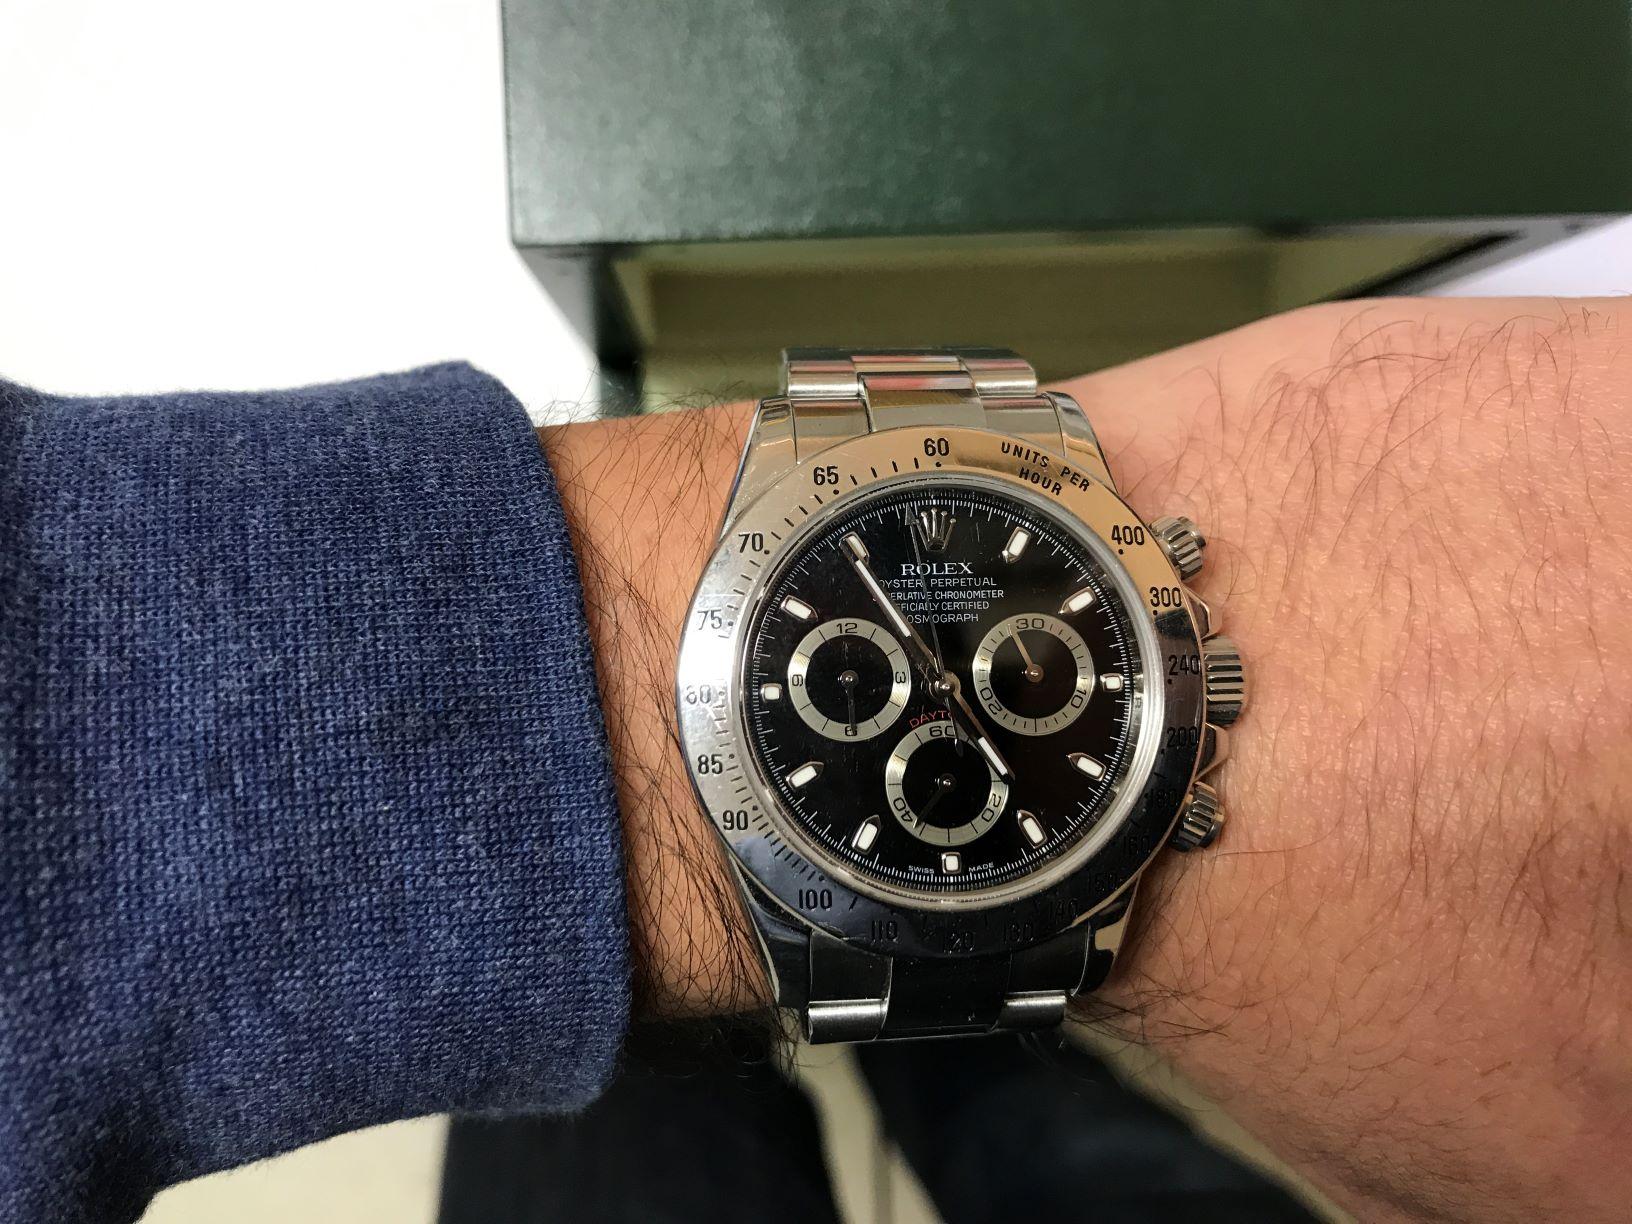 8be9a722b3dc En el negocio de los relojes de lujo de segunda mano existe el miedo de  comprar una falsificación en lugar del original. Una de las ventajas de  optar por ...